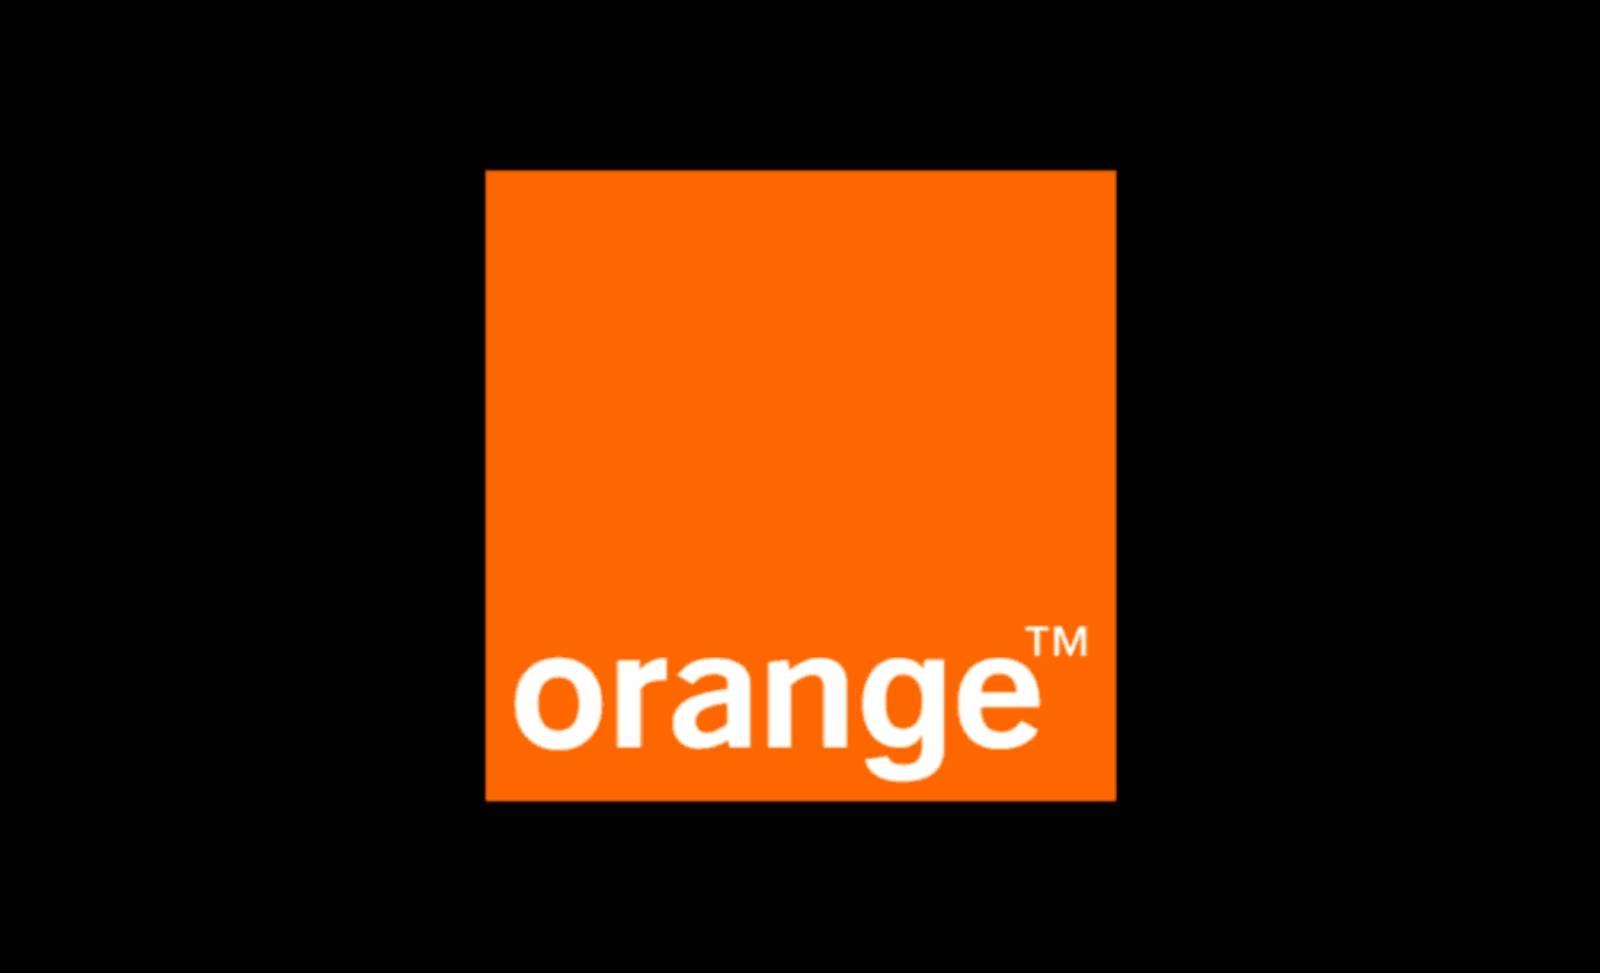 Orange A TREIA Zi de CRACIUN cu REDUCERI foarte BUNE pentru Telefoane